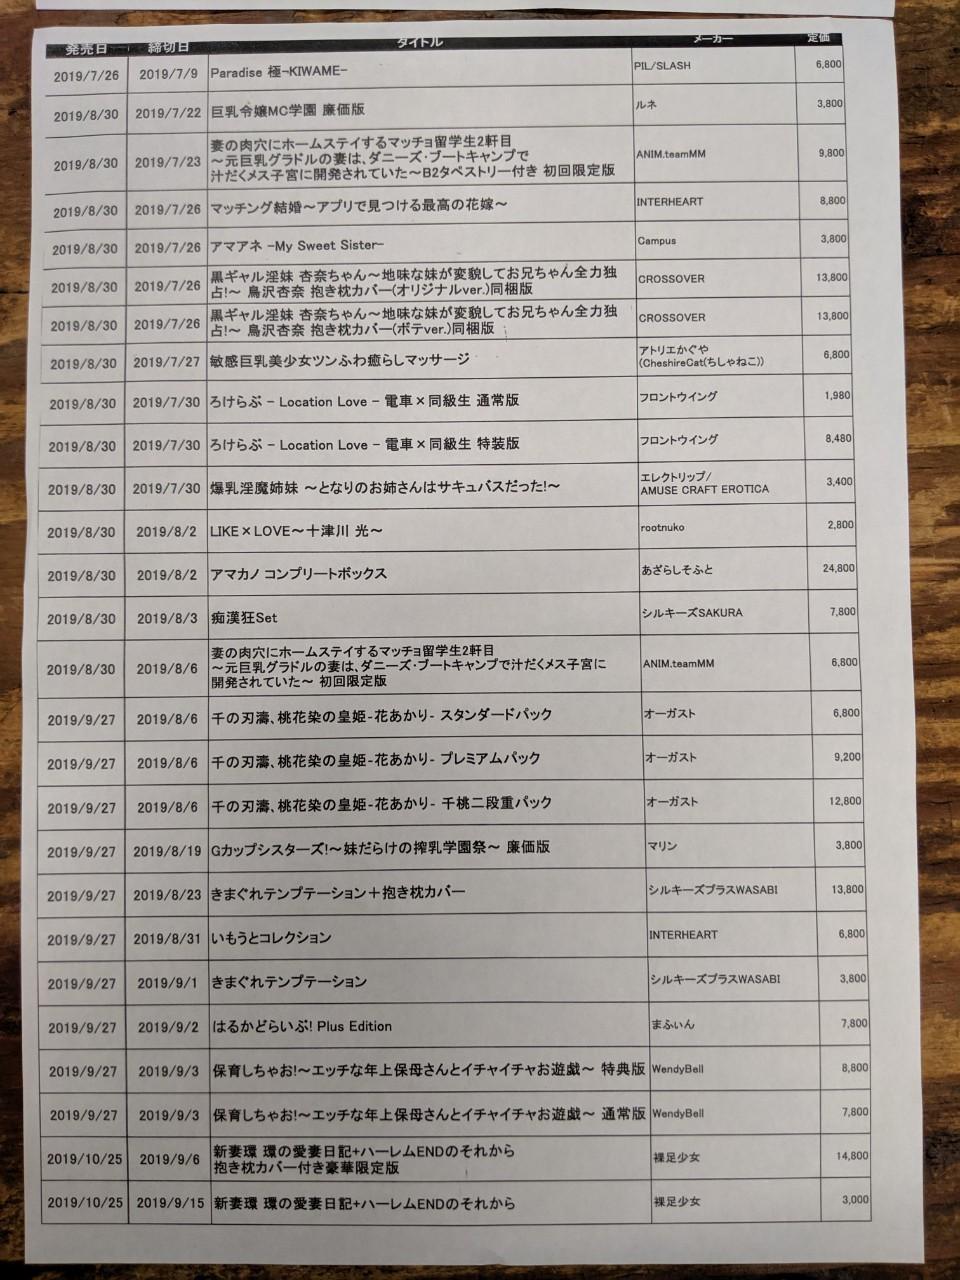 G カップ シスターズ 💕男の穴場コーナー💕本日の新作準新作ソフト在庫状況!&予約表